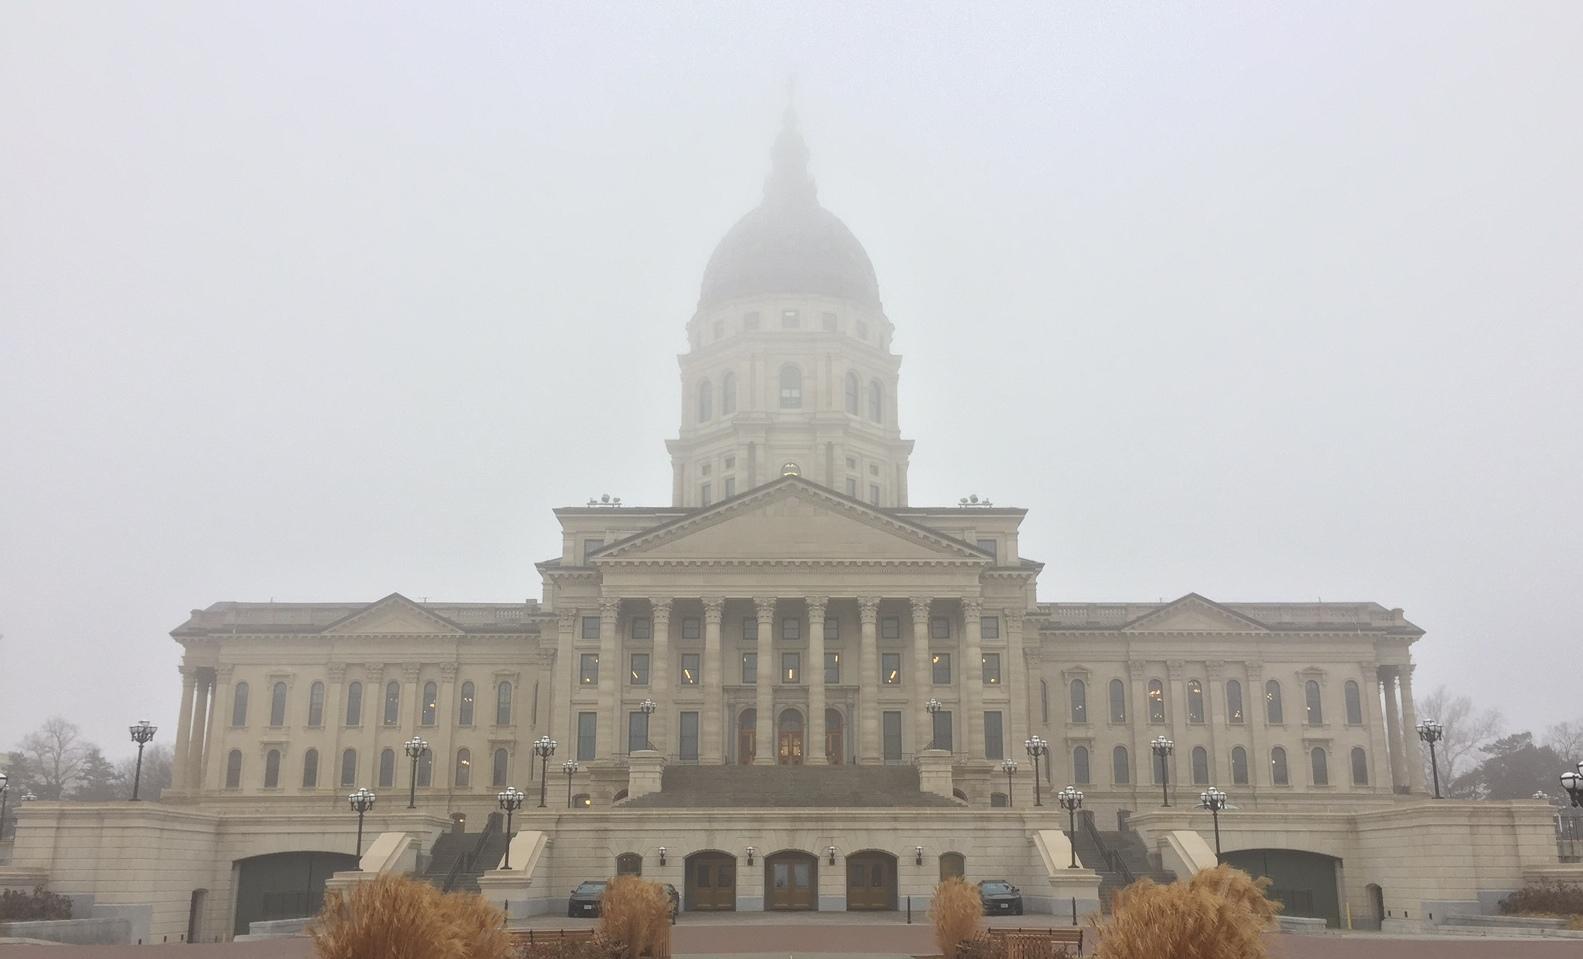 The Kansas Statehouse in 2017. (Photo by Stephen Koranda)